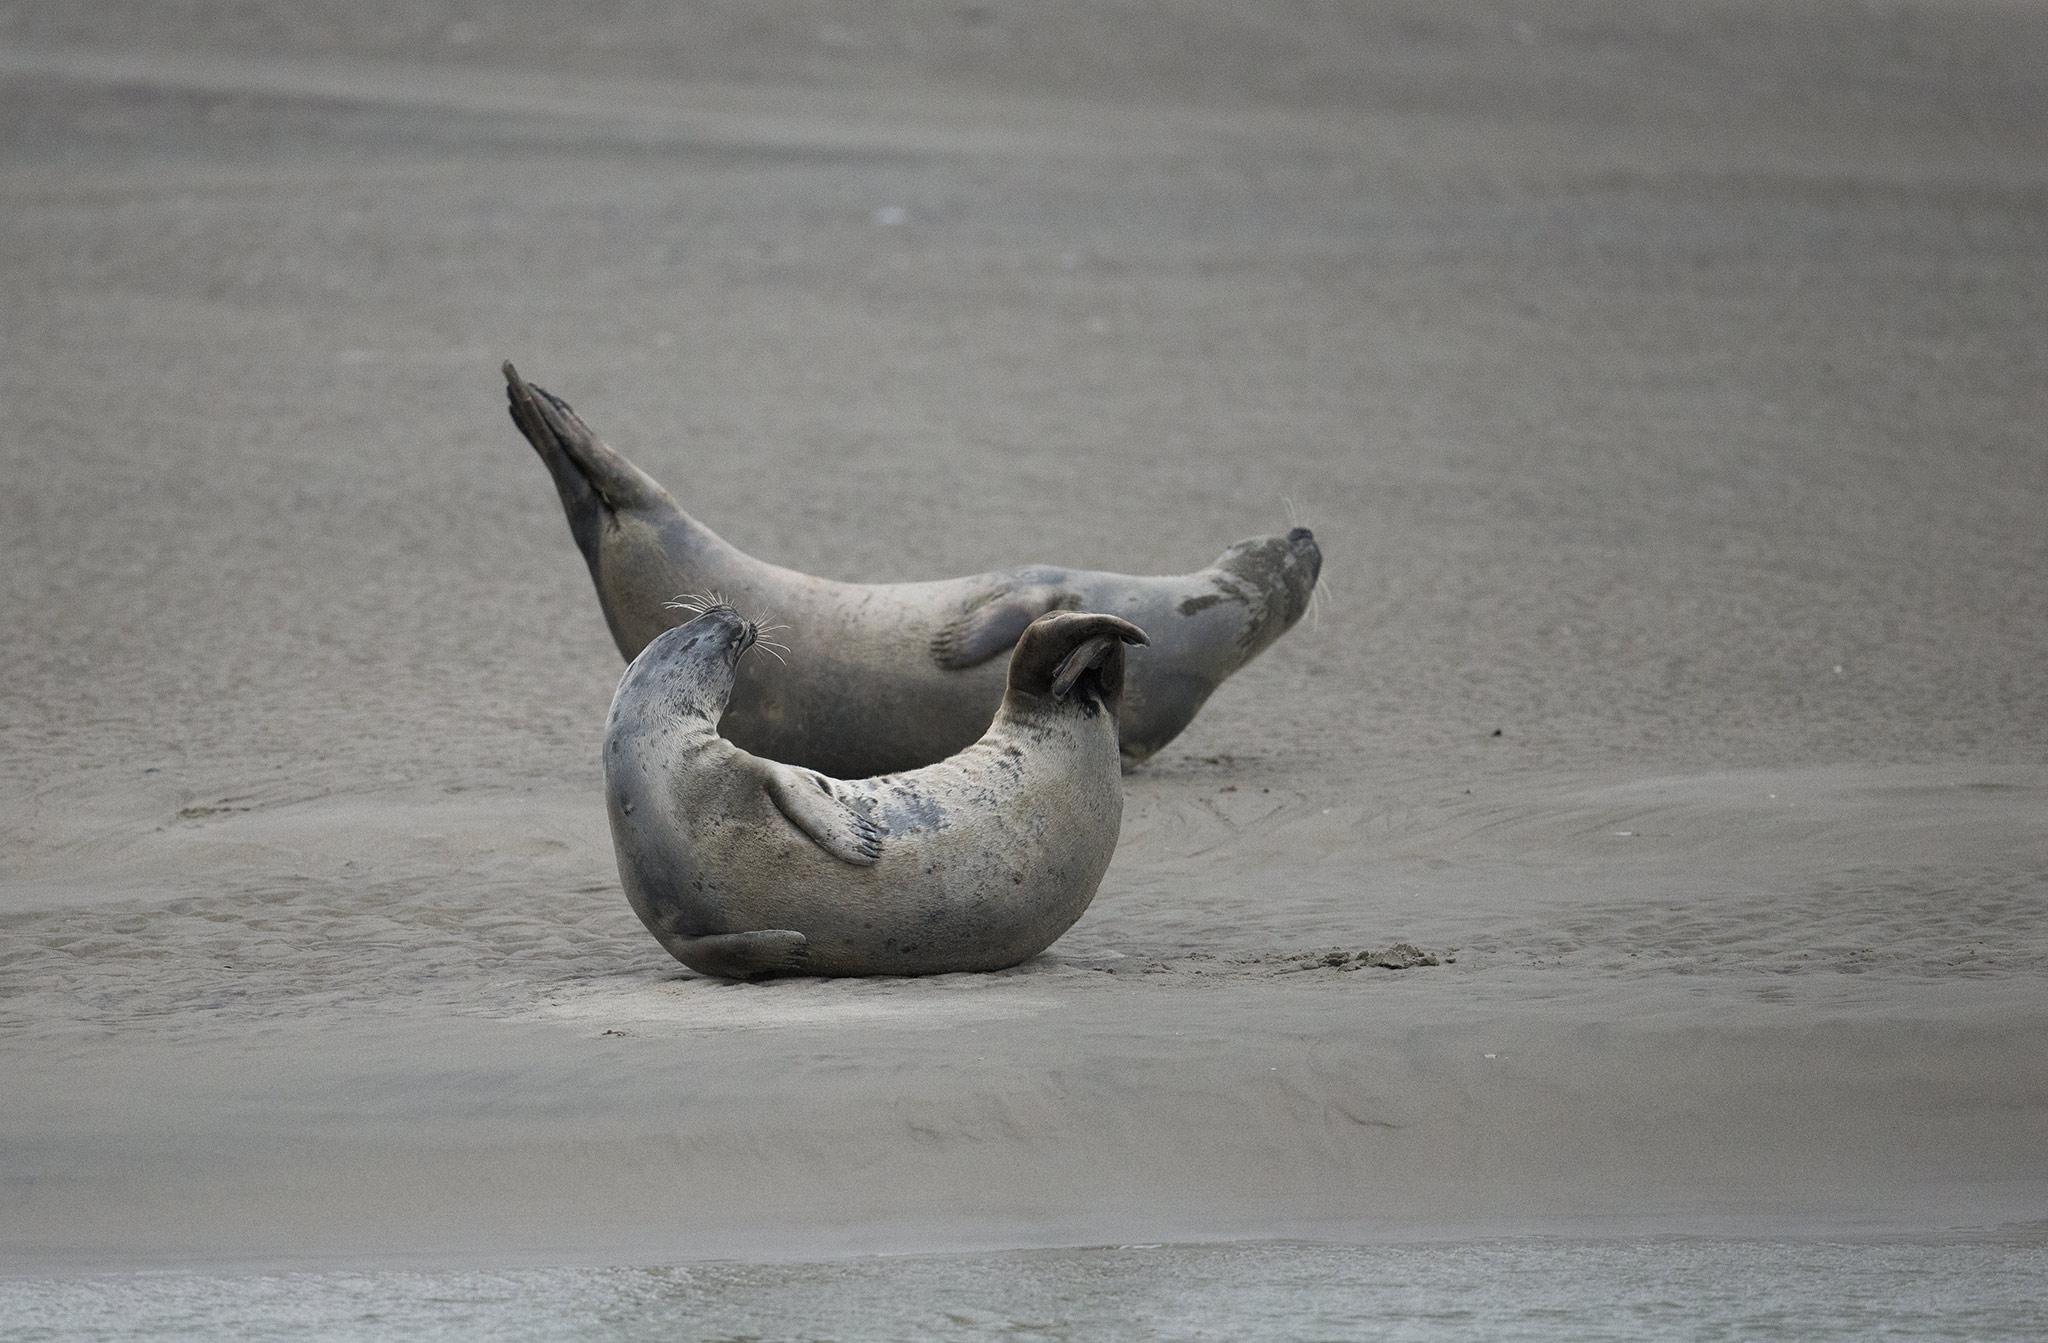 Les phoques gris et les phoques veaux-marins Baie d'Authie - Berck-sur-mer - Picardie Hauts-de-France